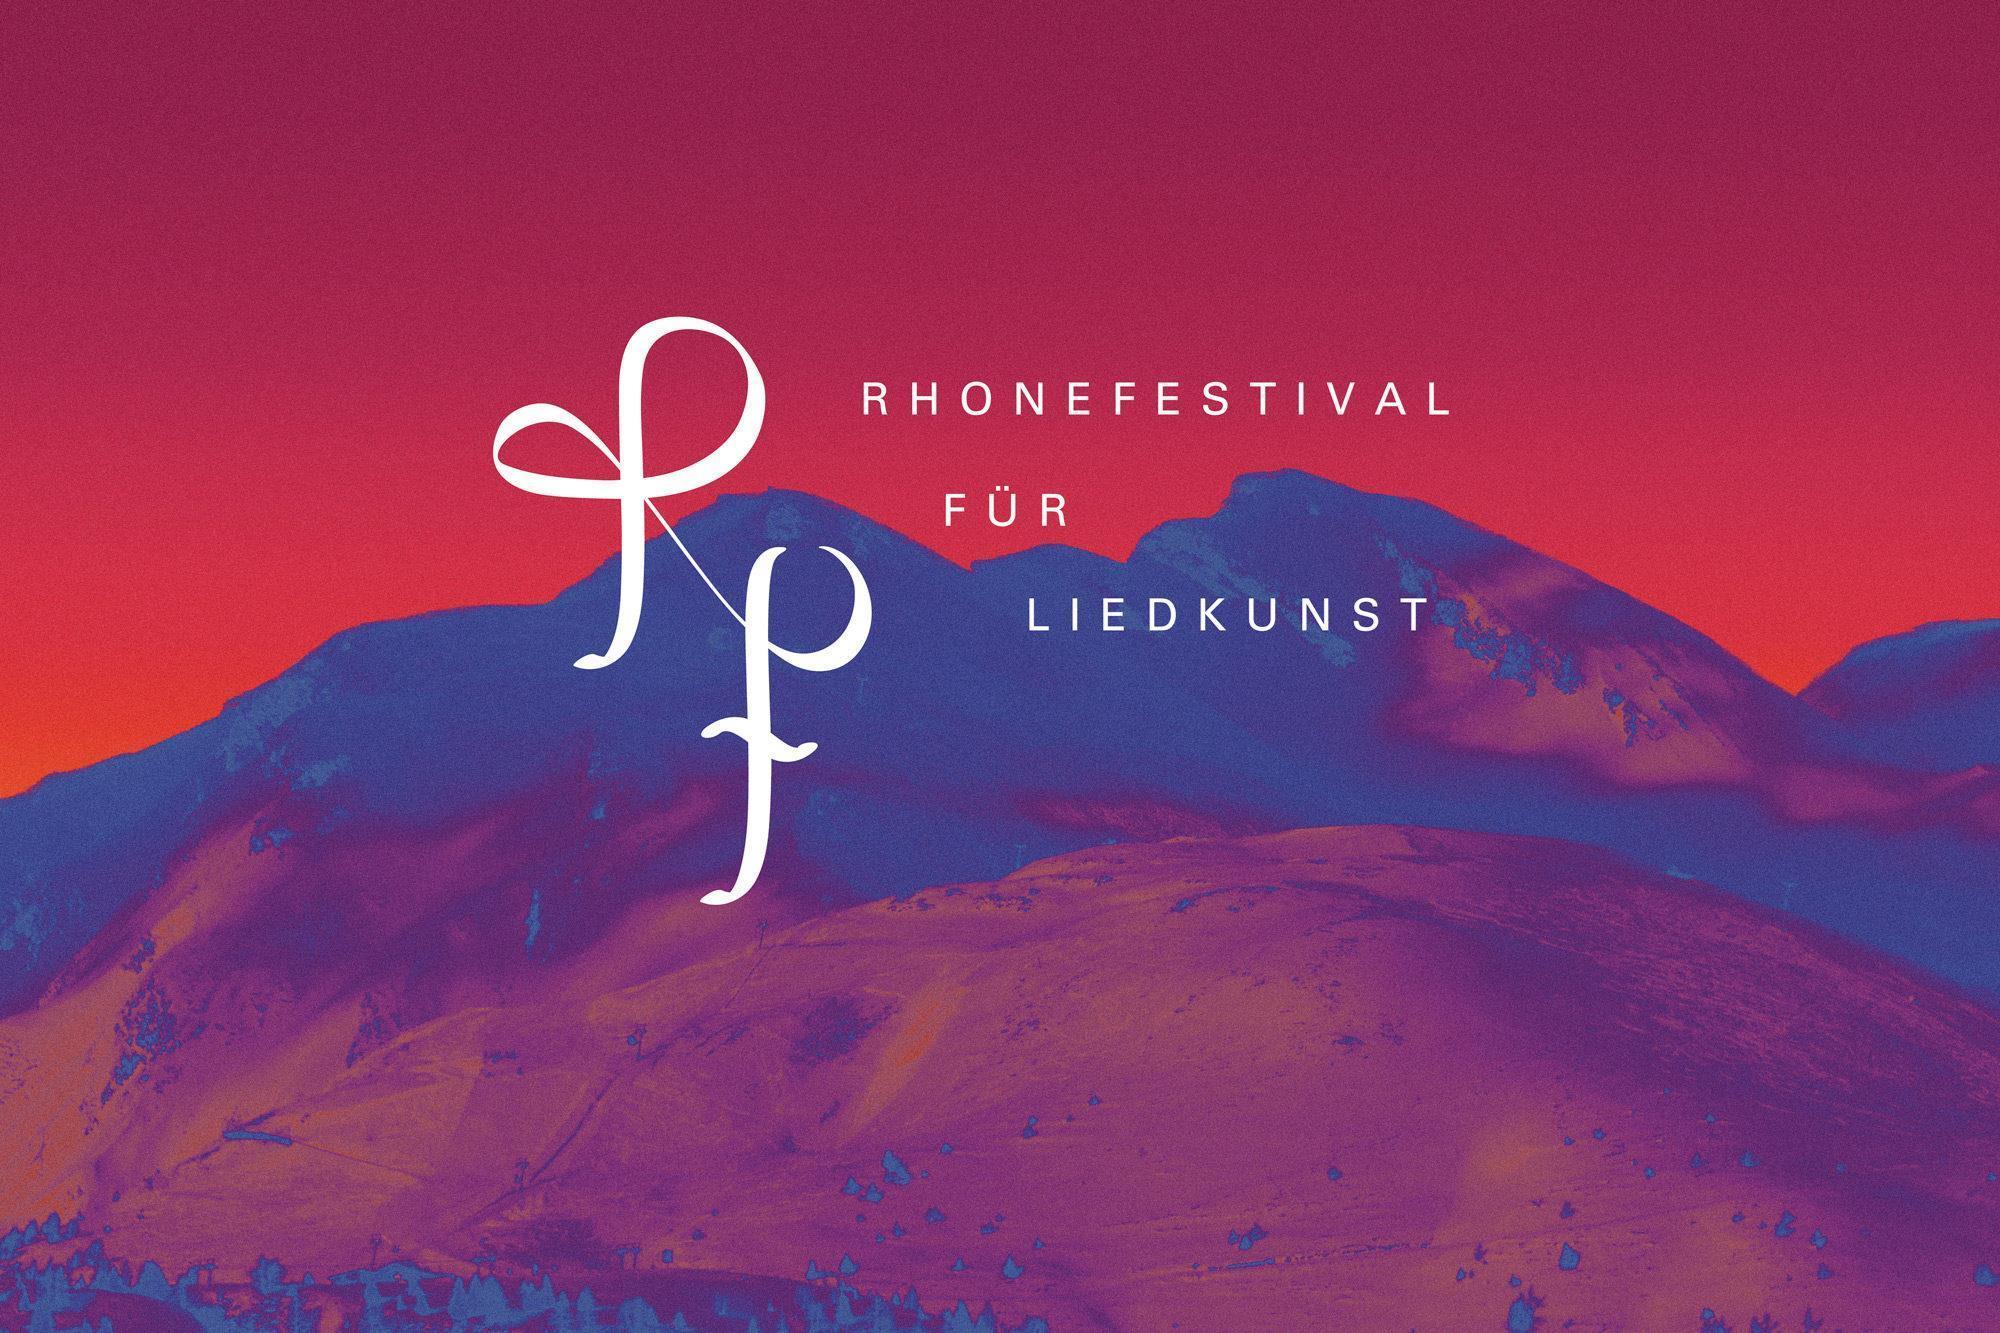 Rhonefestival für Liedkunst - DER HIRT AUF DEM SIMPLON